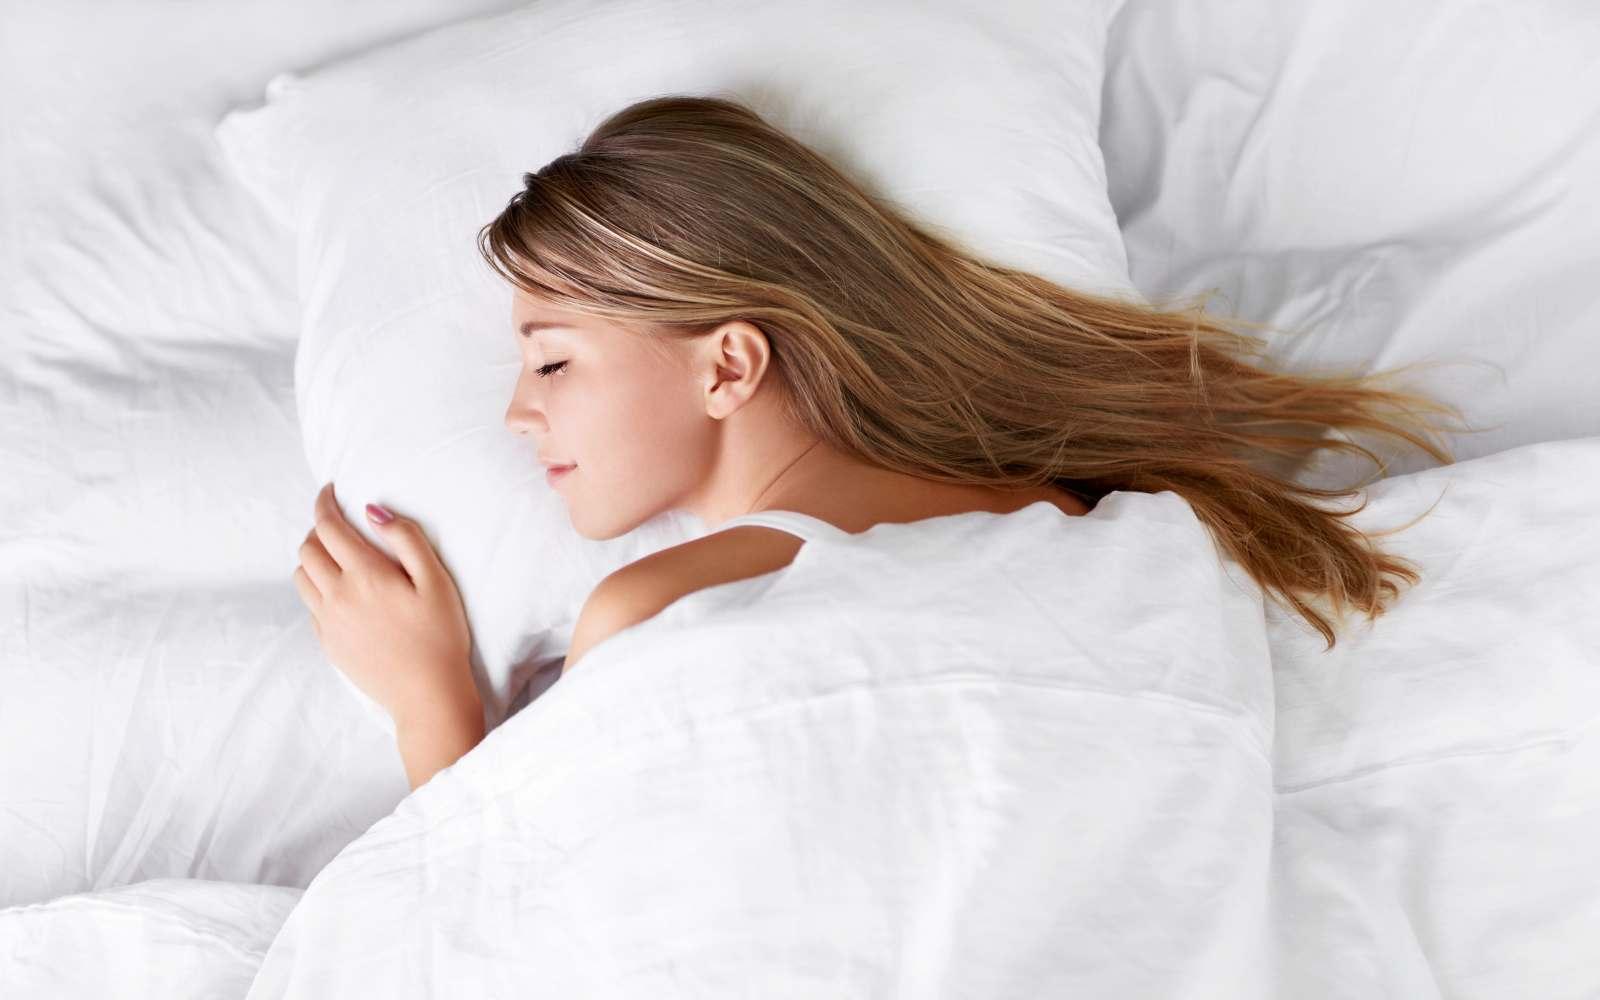 ragazza con capelli lunghi biondo scuro dorme su letto con lenzuola bianche